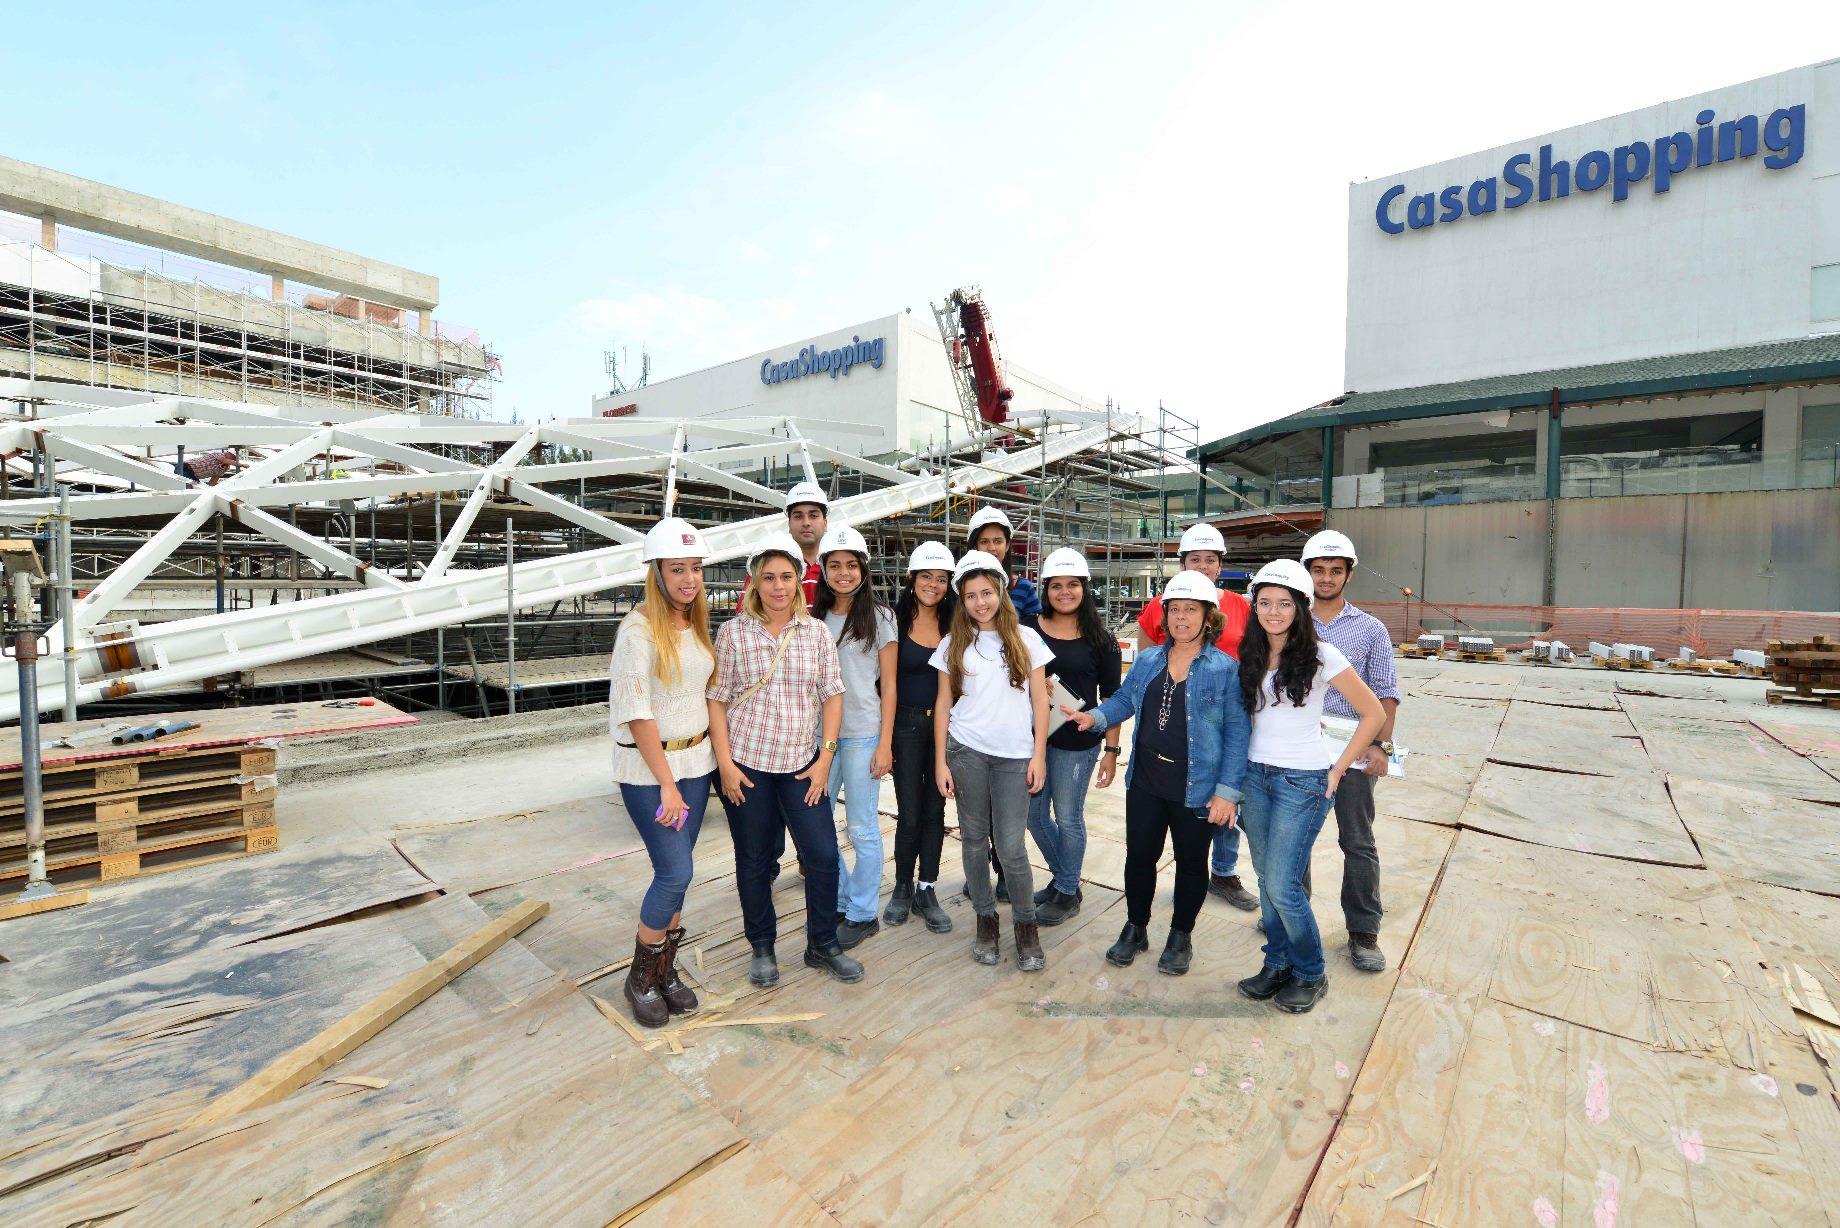 CasaShopping agenda visitas para a Onda Carioca